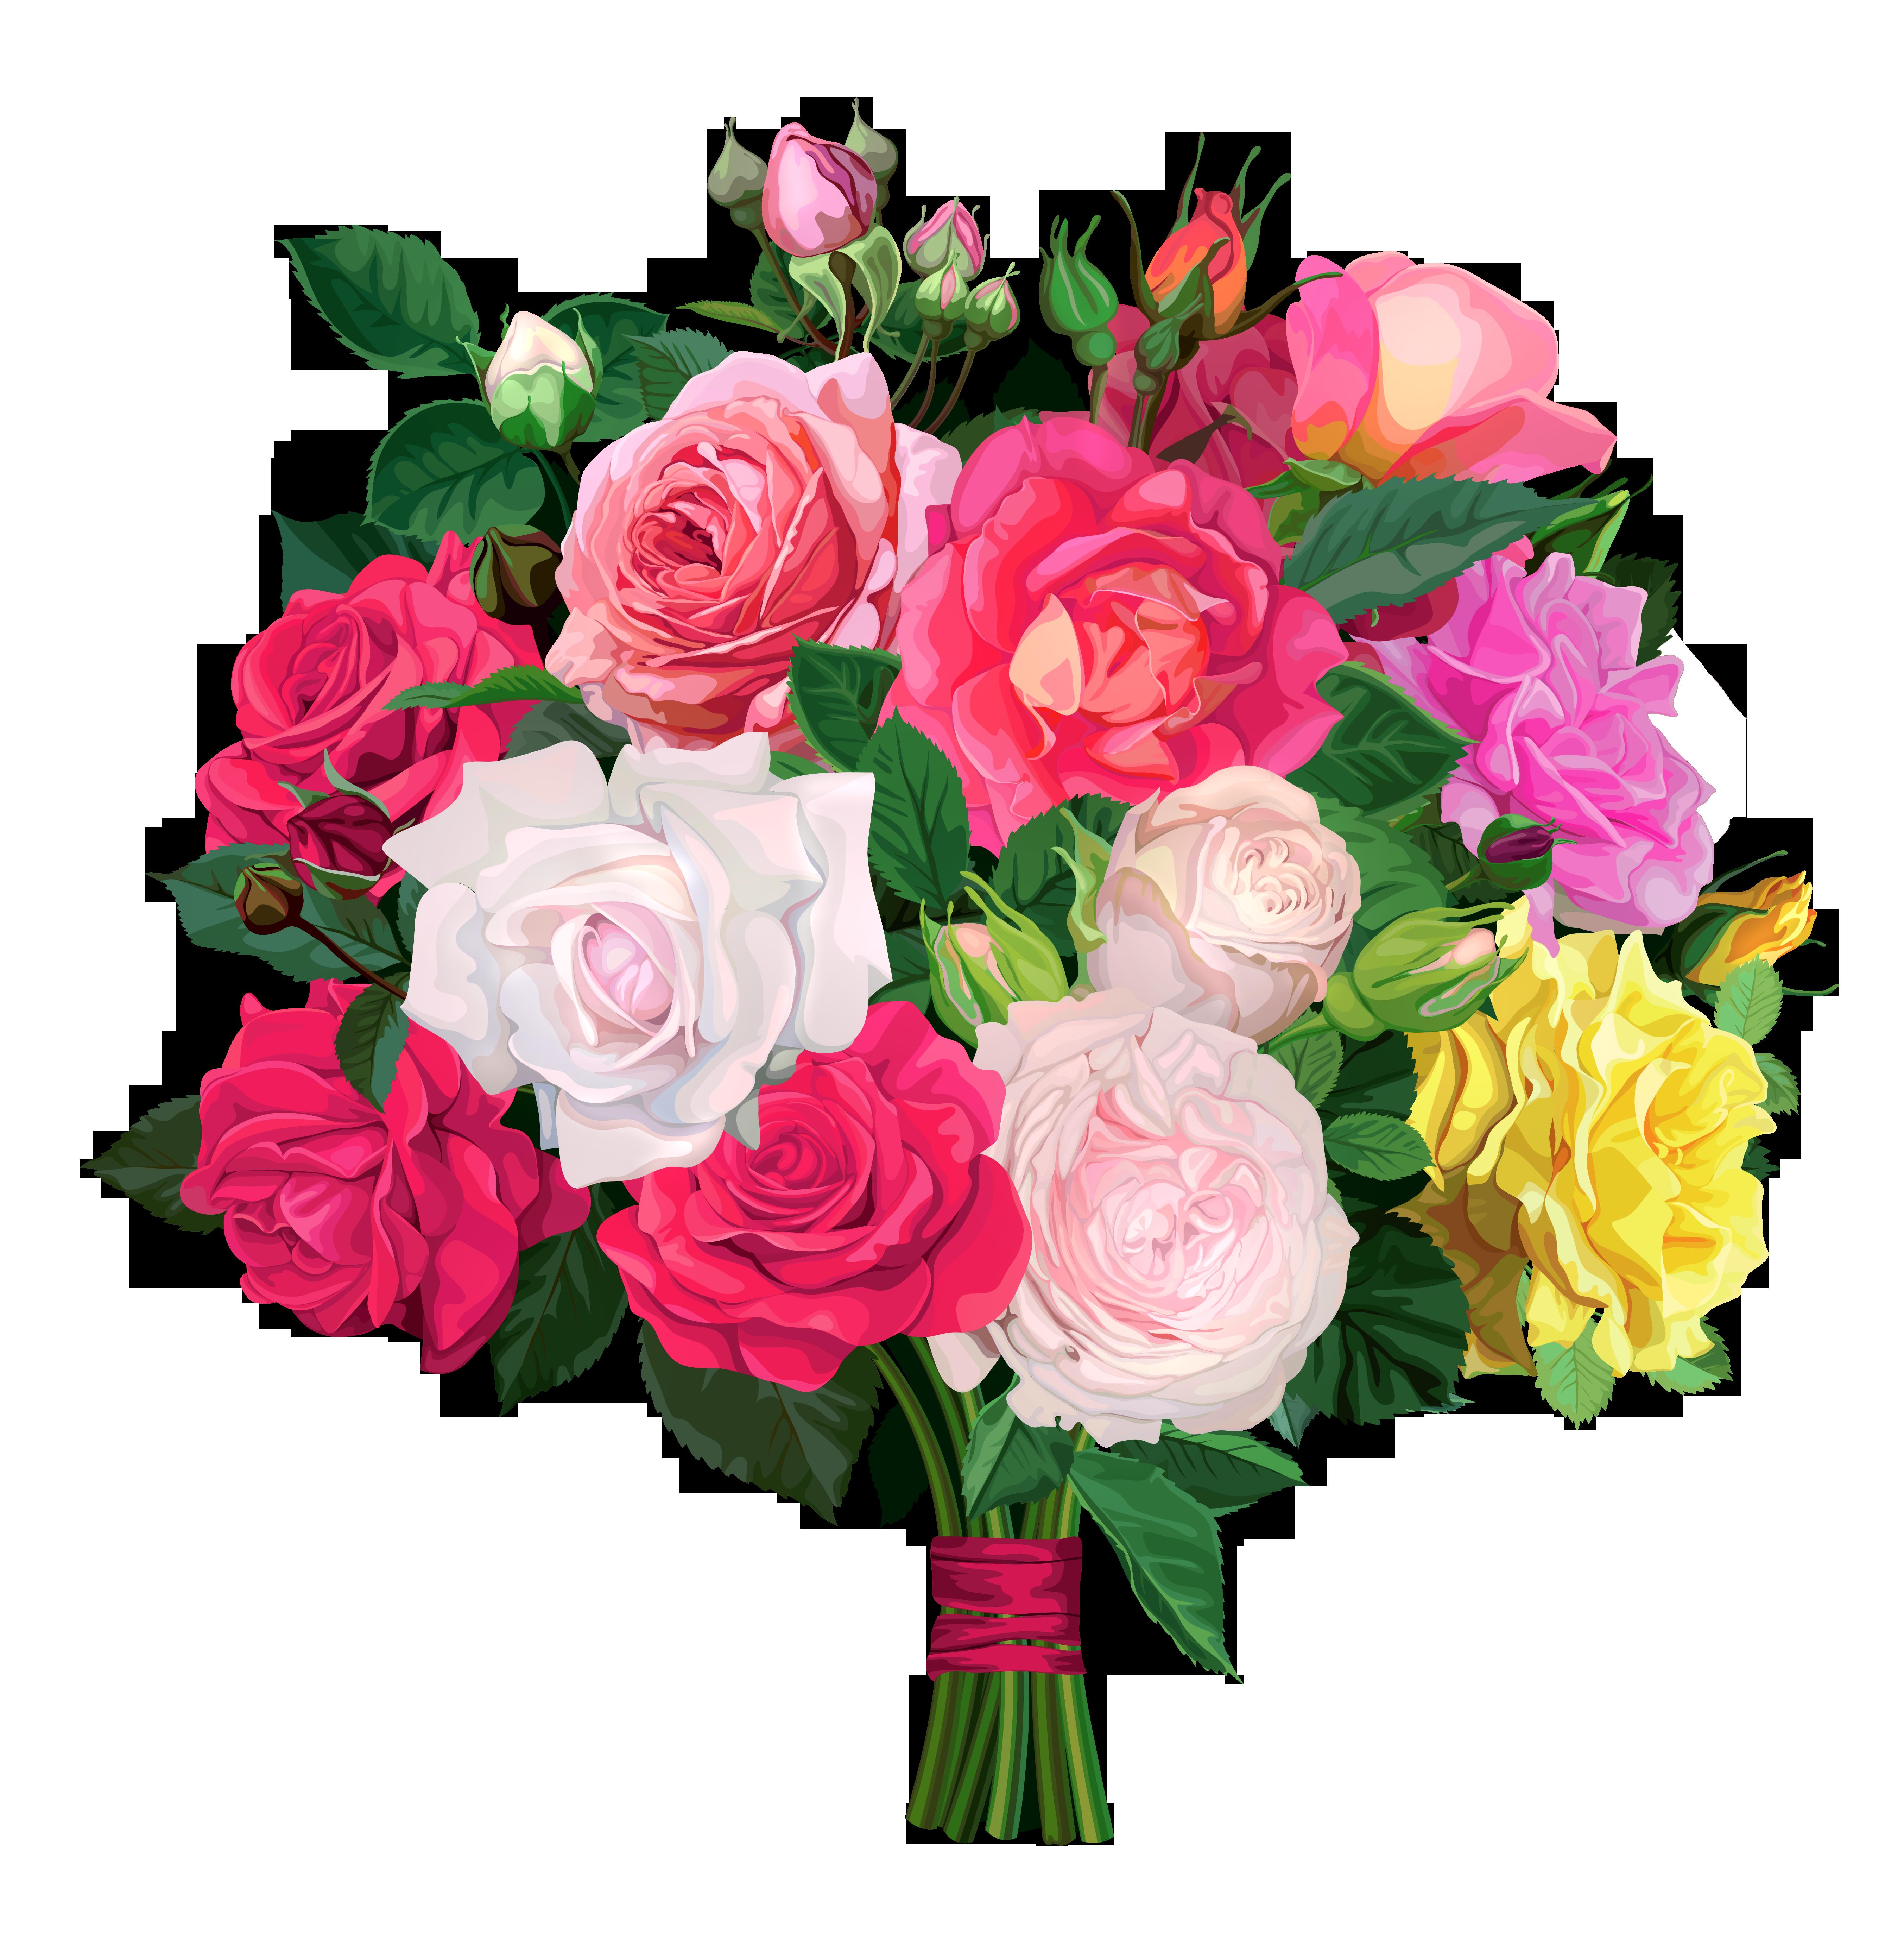 Rose clipart elegant flower #5